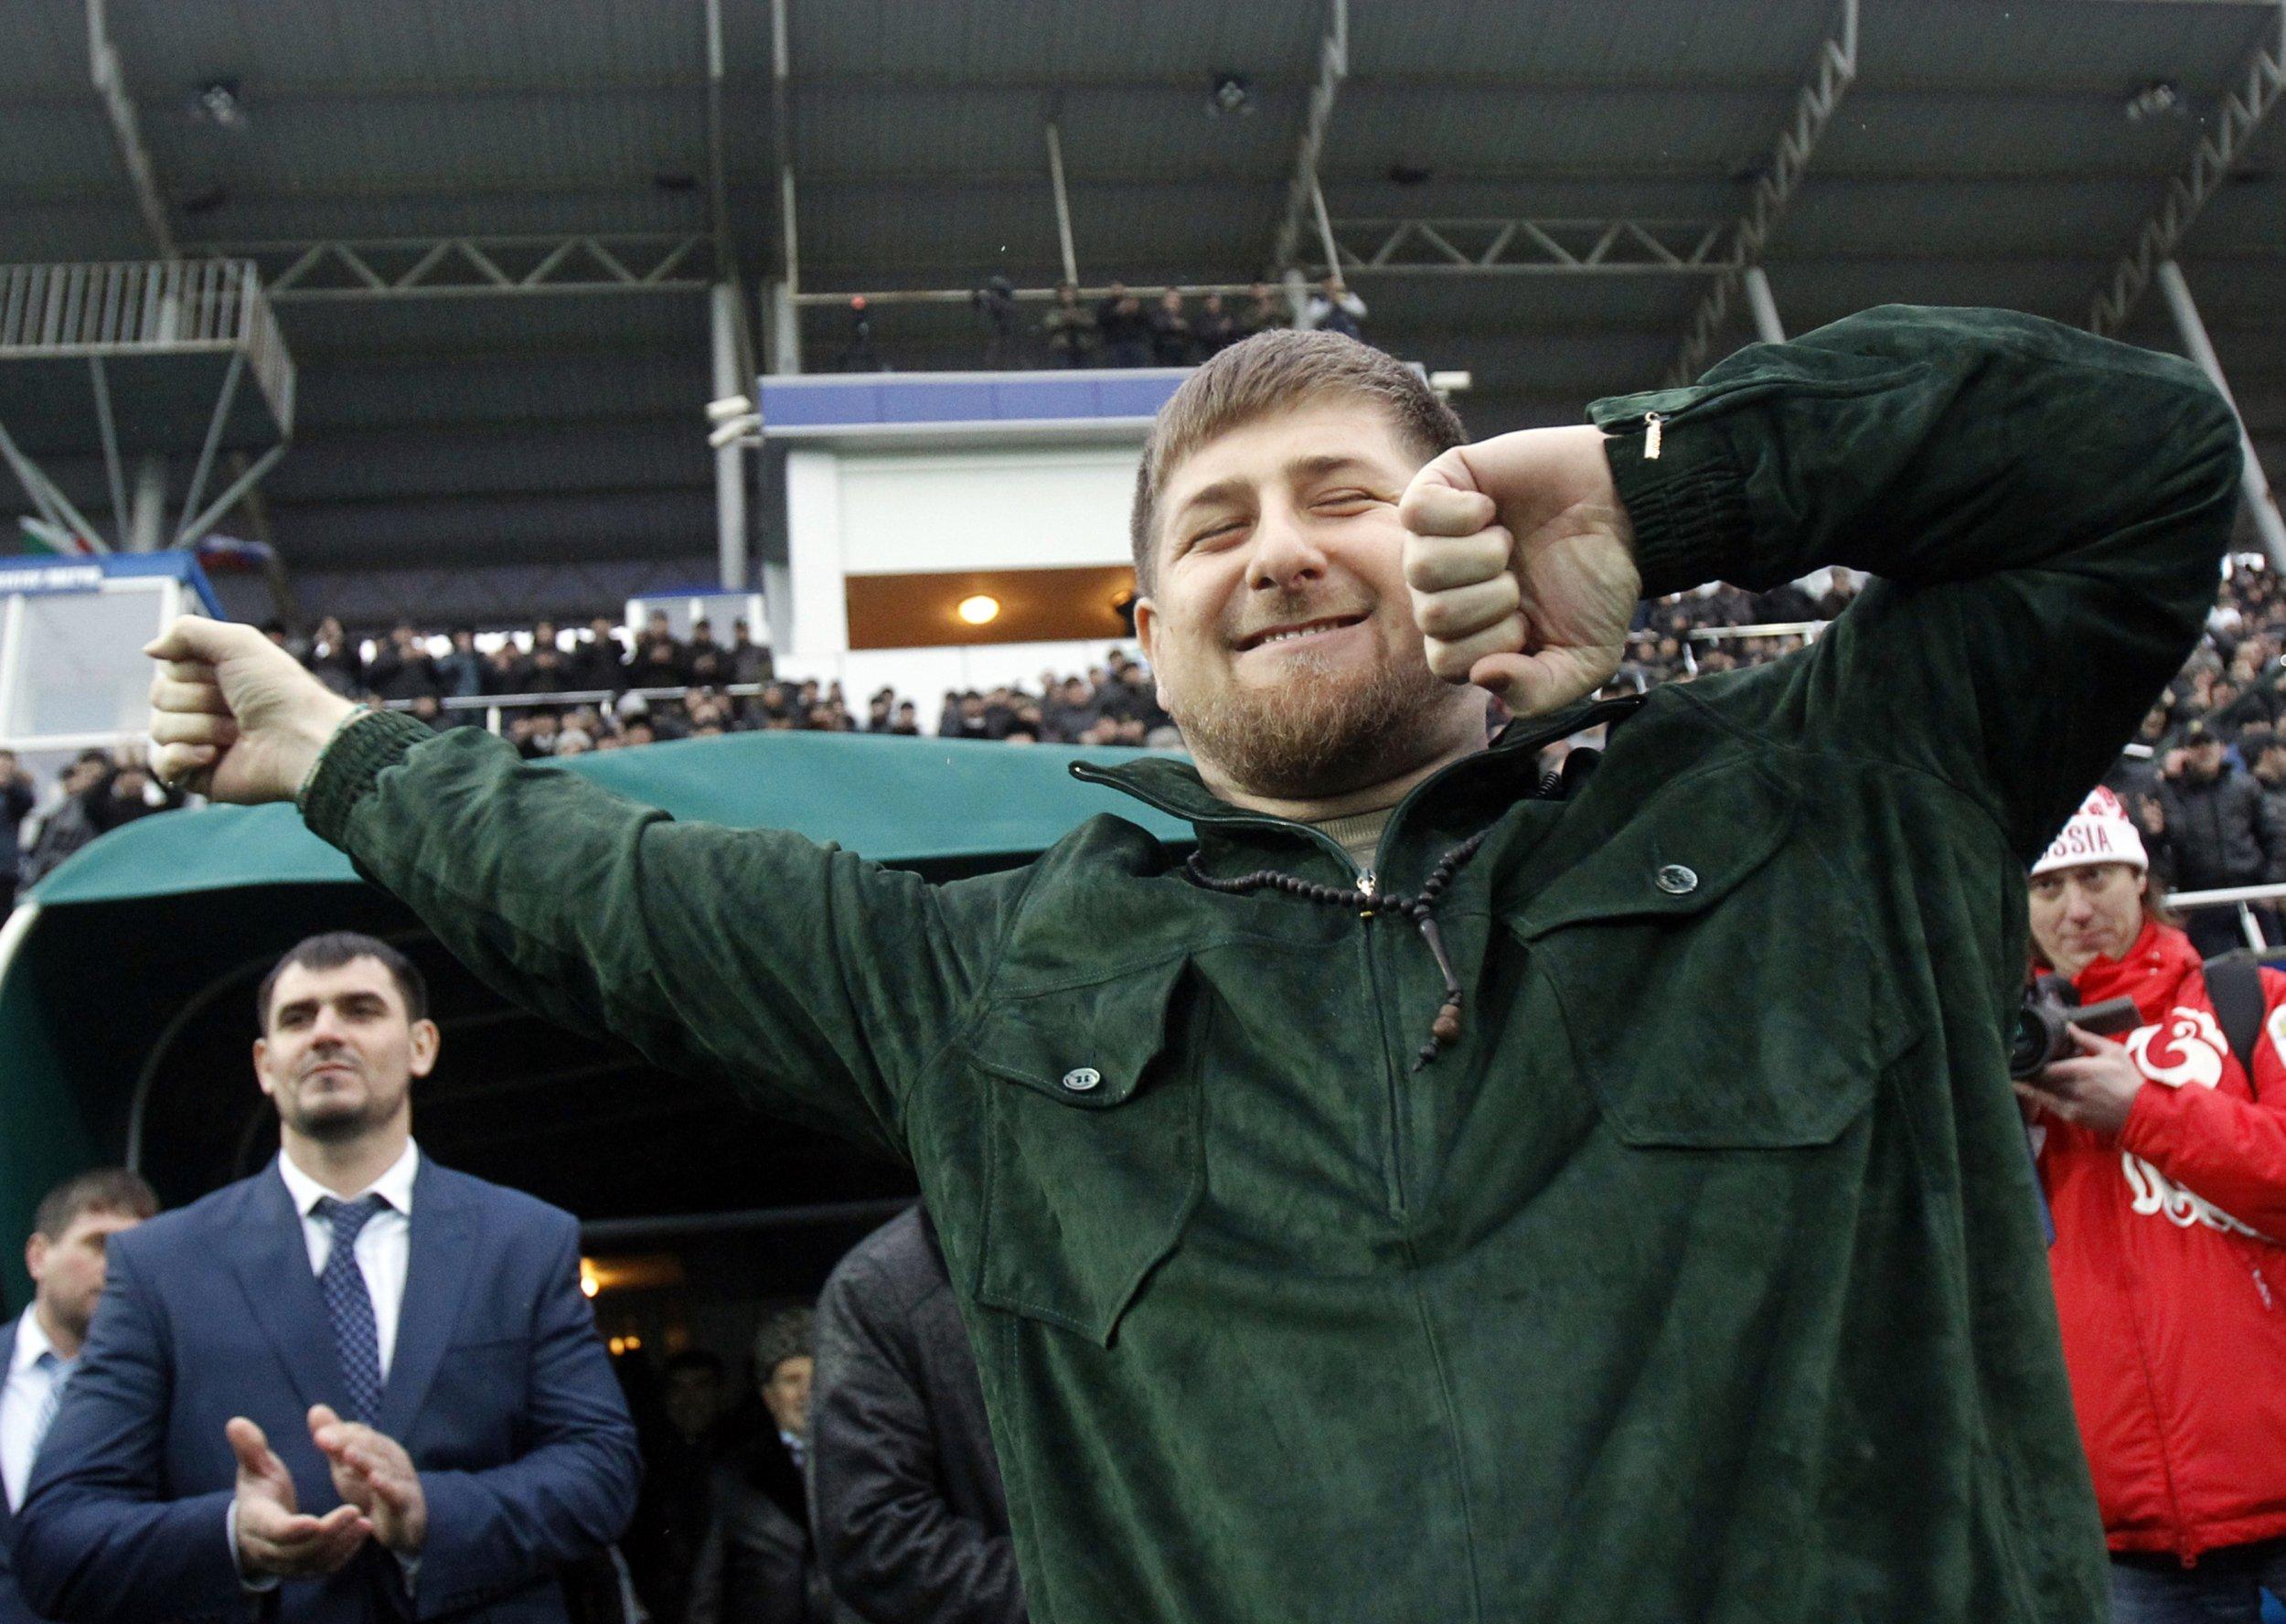 Putin Ally Ramzan Kadyrov Is A Misunderstood Joker Says